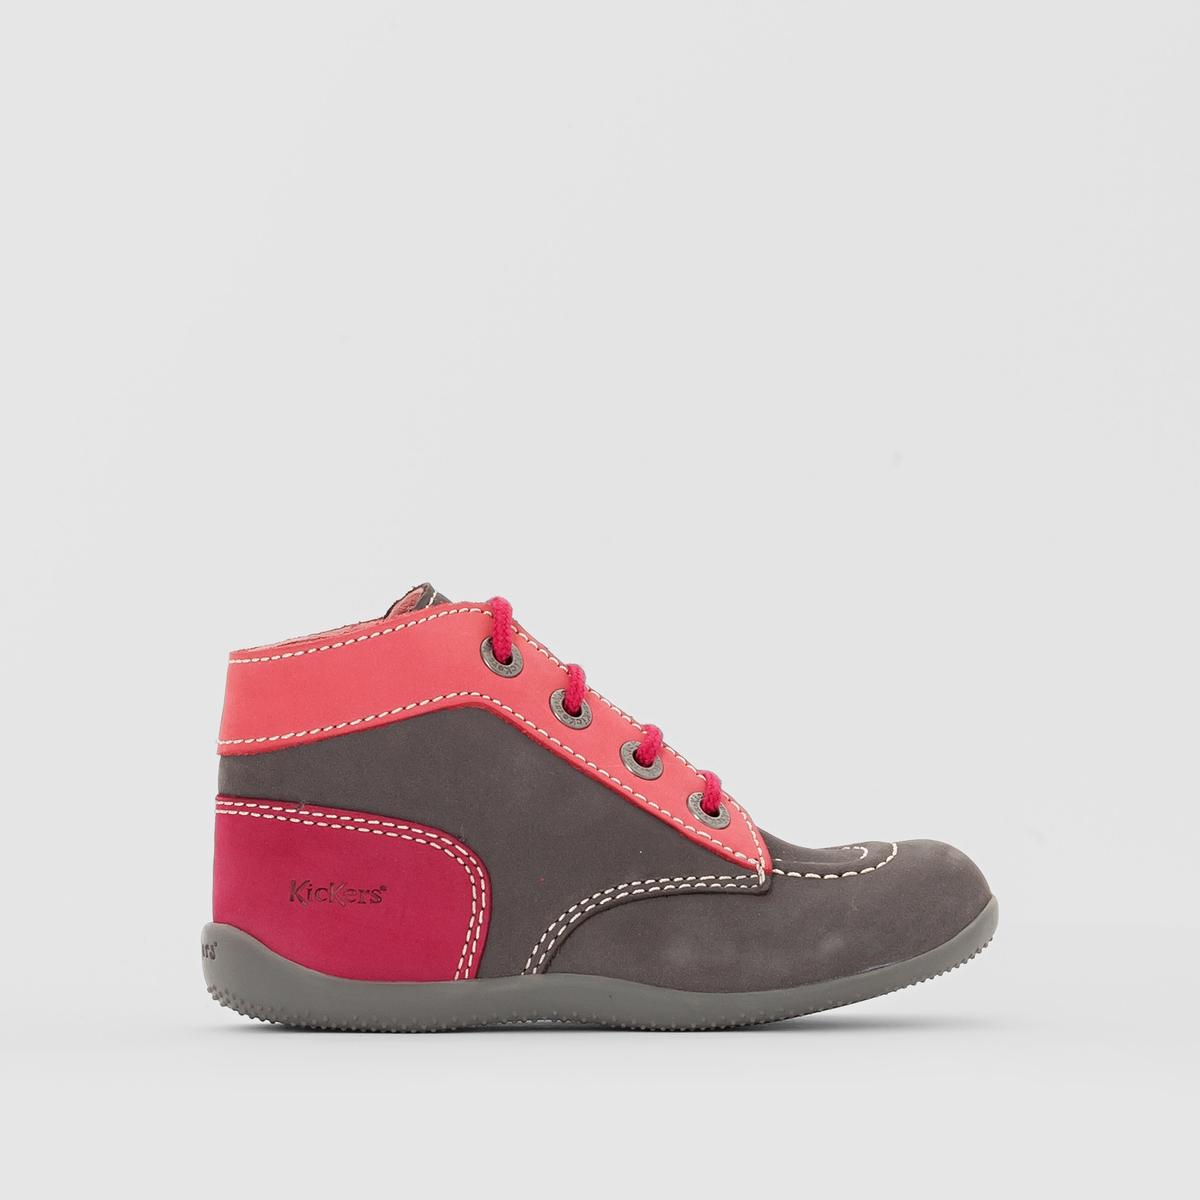 Ботинки BONBONМатериал внешний/внутрений : Нубук    Подкладка : Неотделанная кожаСтелька: Неотделанная кожаПодошва: КаучукВысота каблука: 5 смФорма каблука : Плоский каблук   Мысок : ЗакругленныйЗастежка : Шнуровка<br><br>Цвет: серый/ розовый